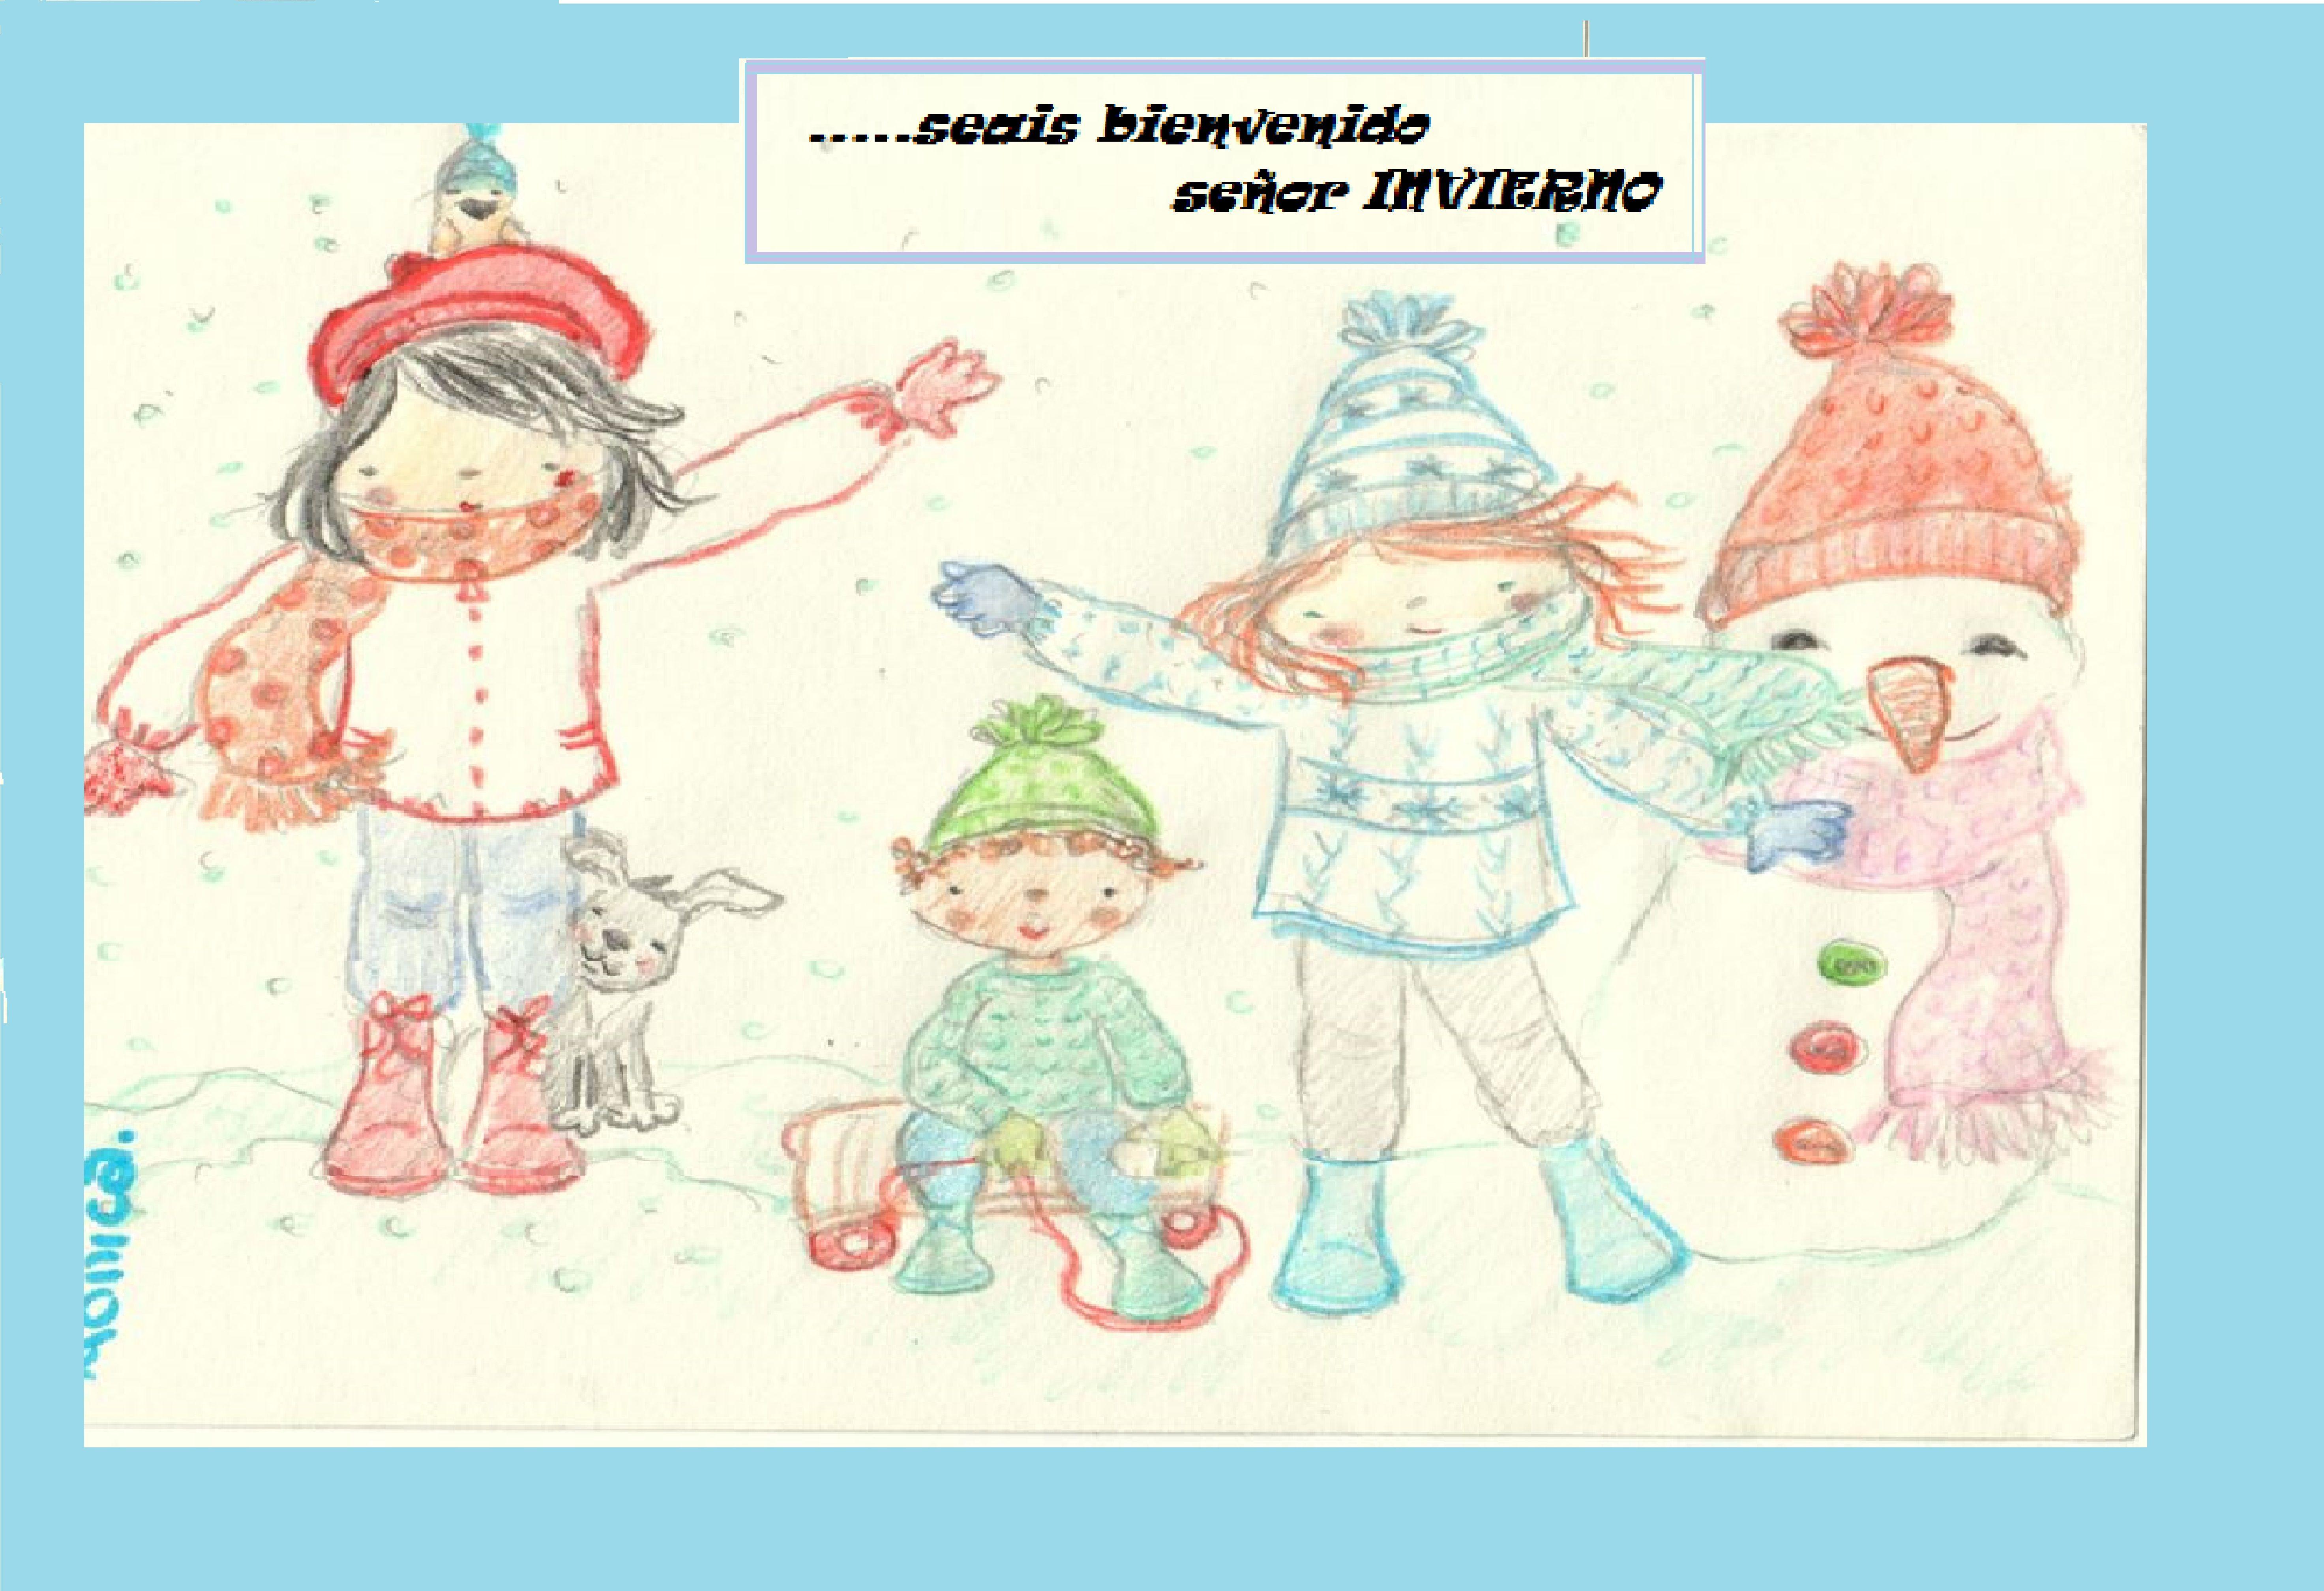 listos preparados para recibir el invierno con optimismo!!!